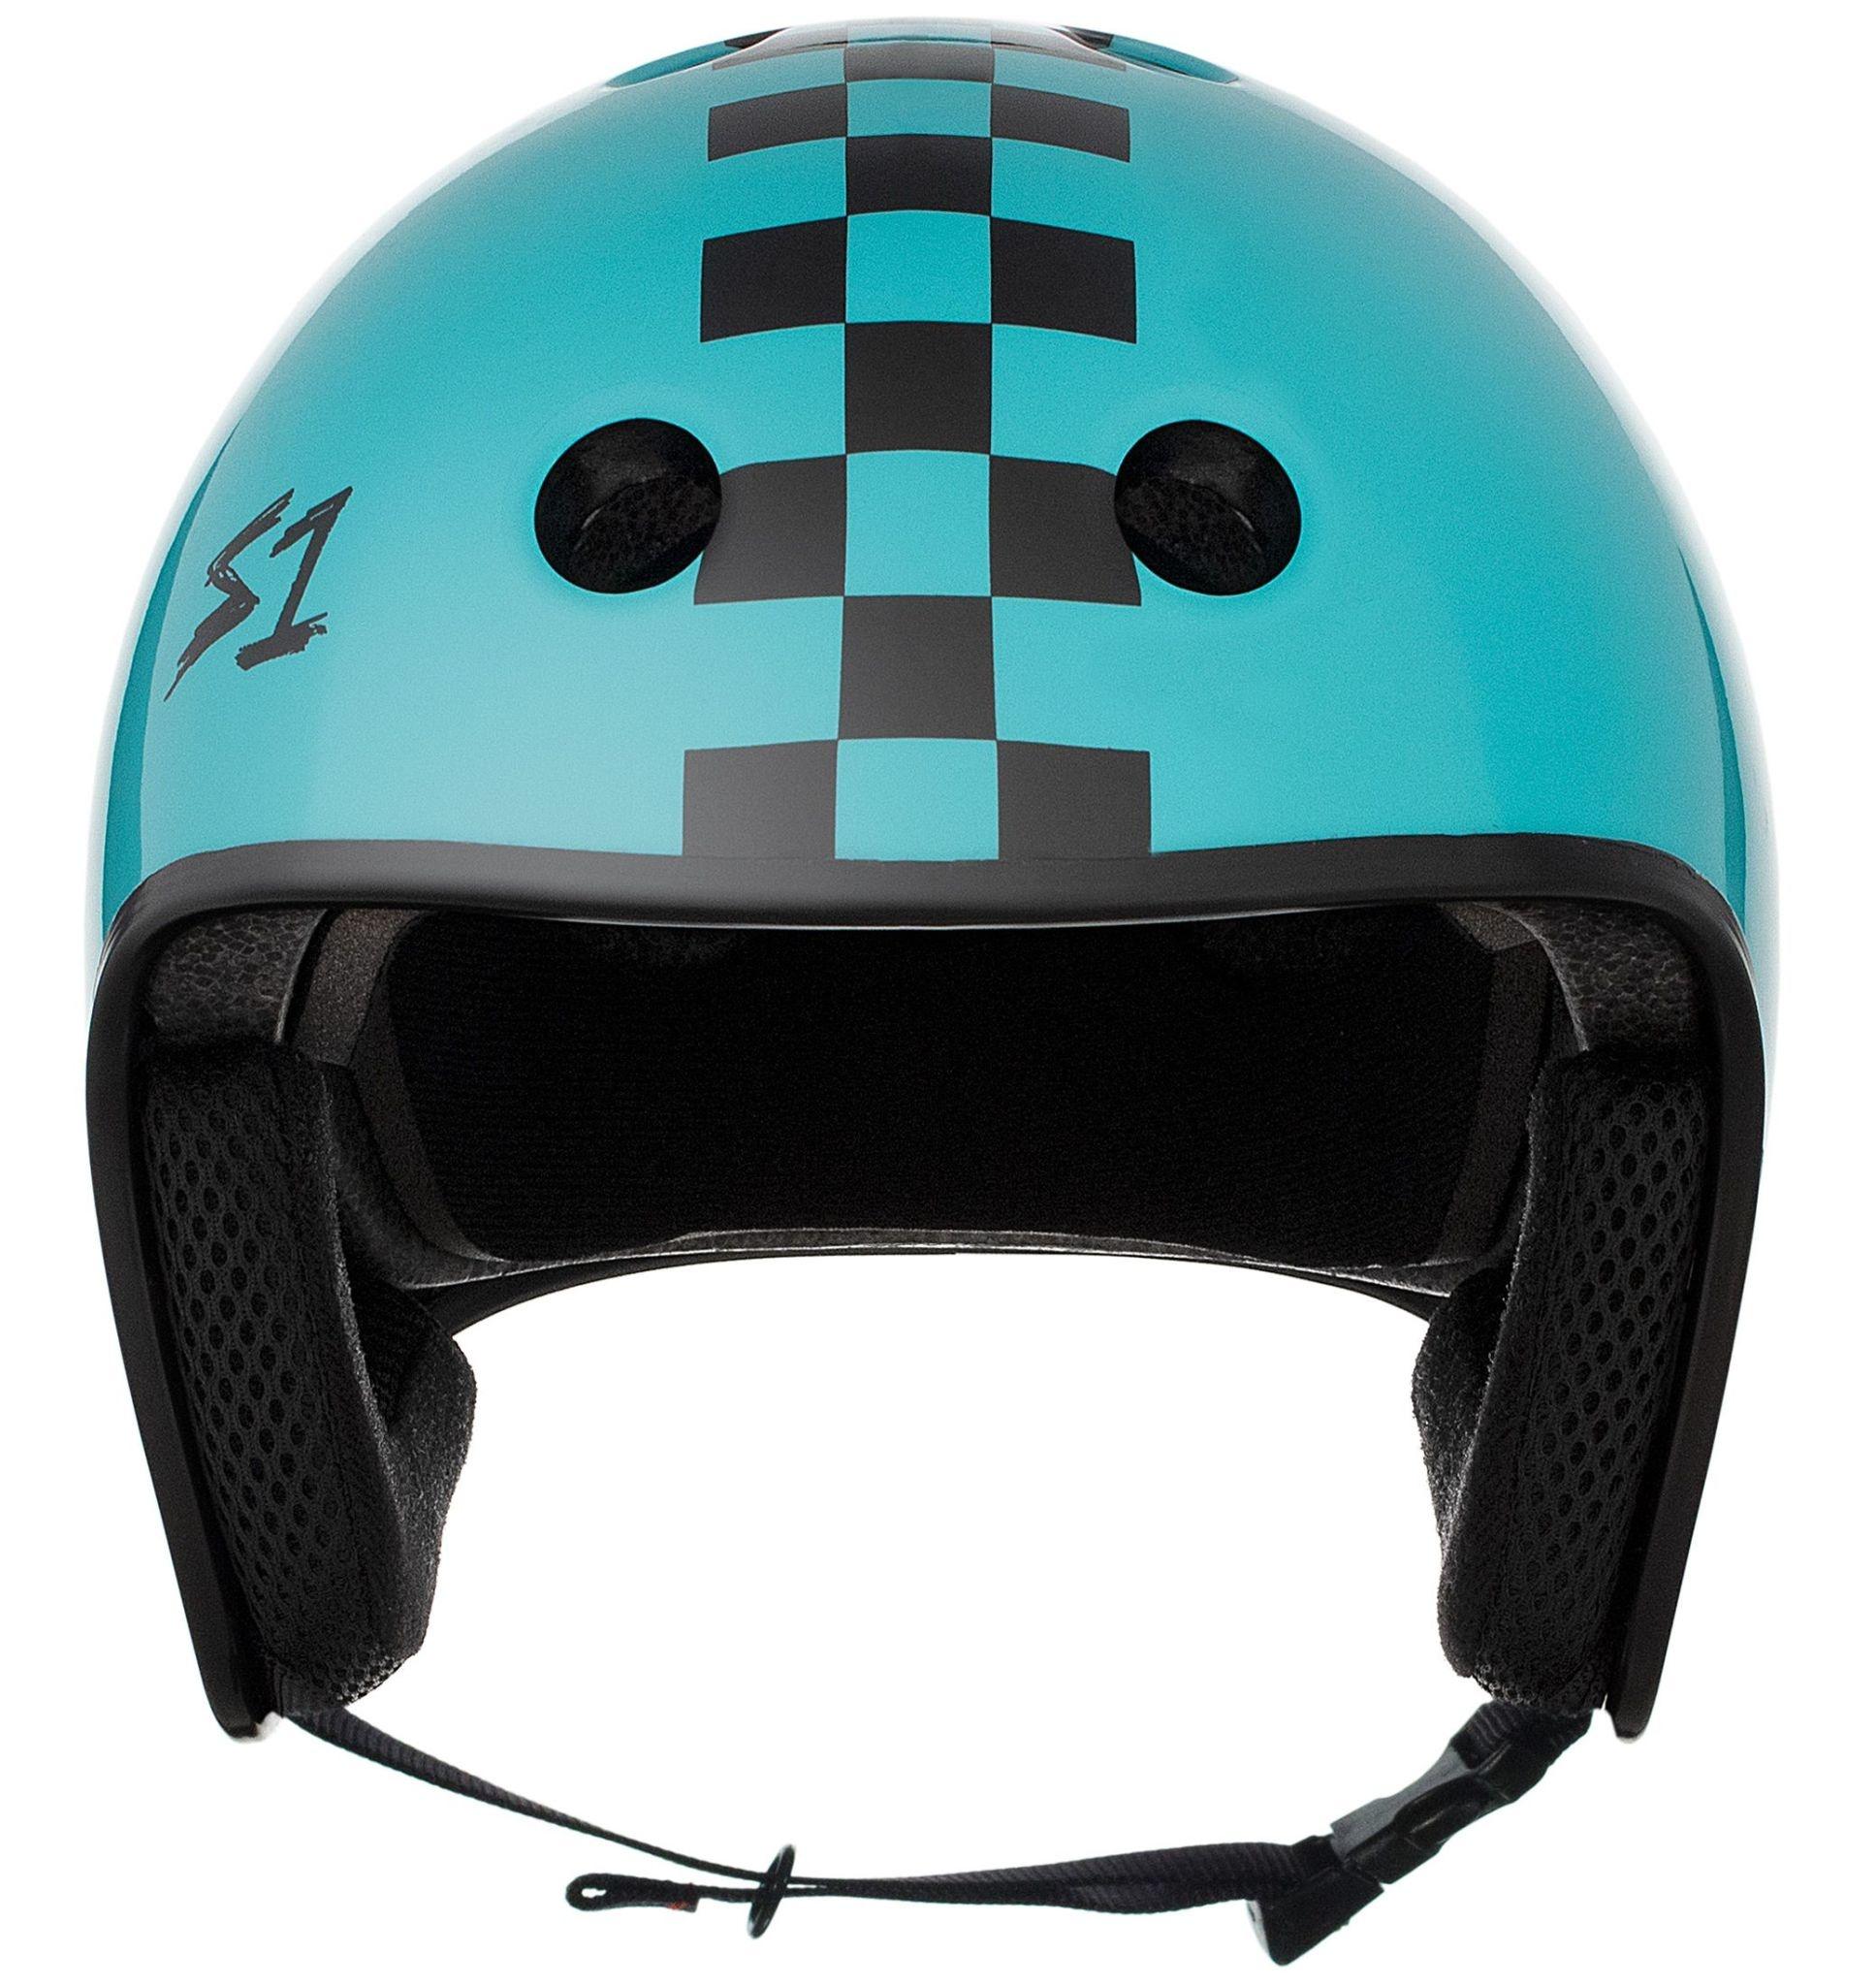 S-1 Retro Lifer Helmet - Lagoon Gloss w/ Black Checkers